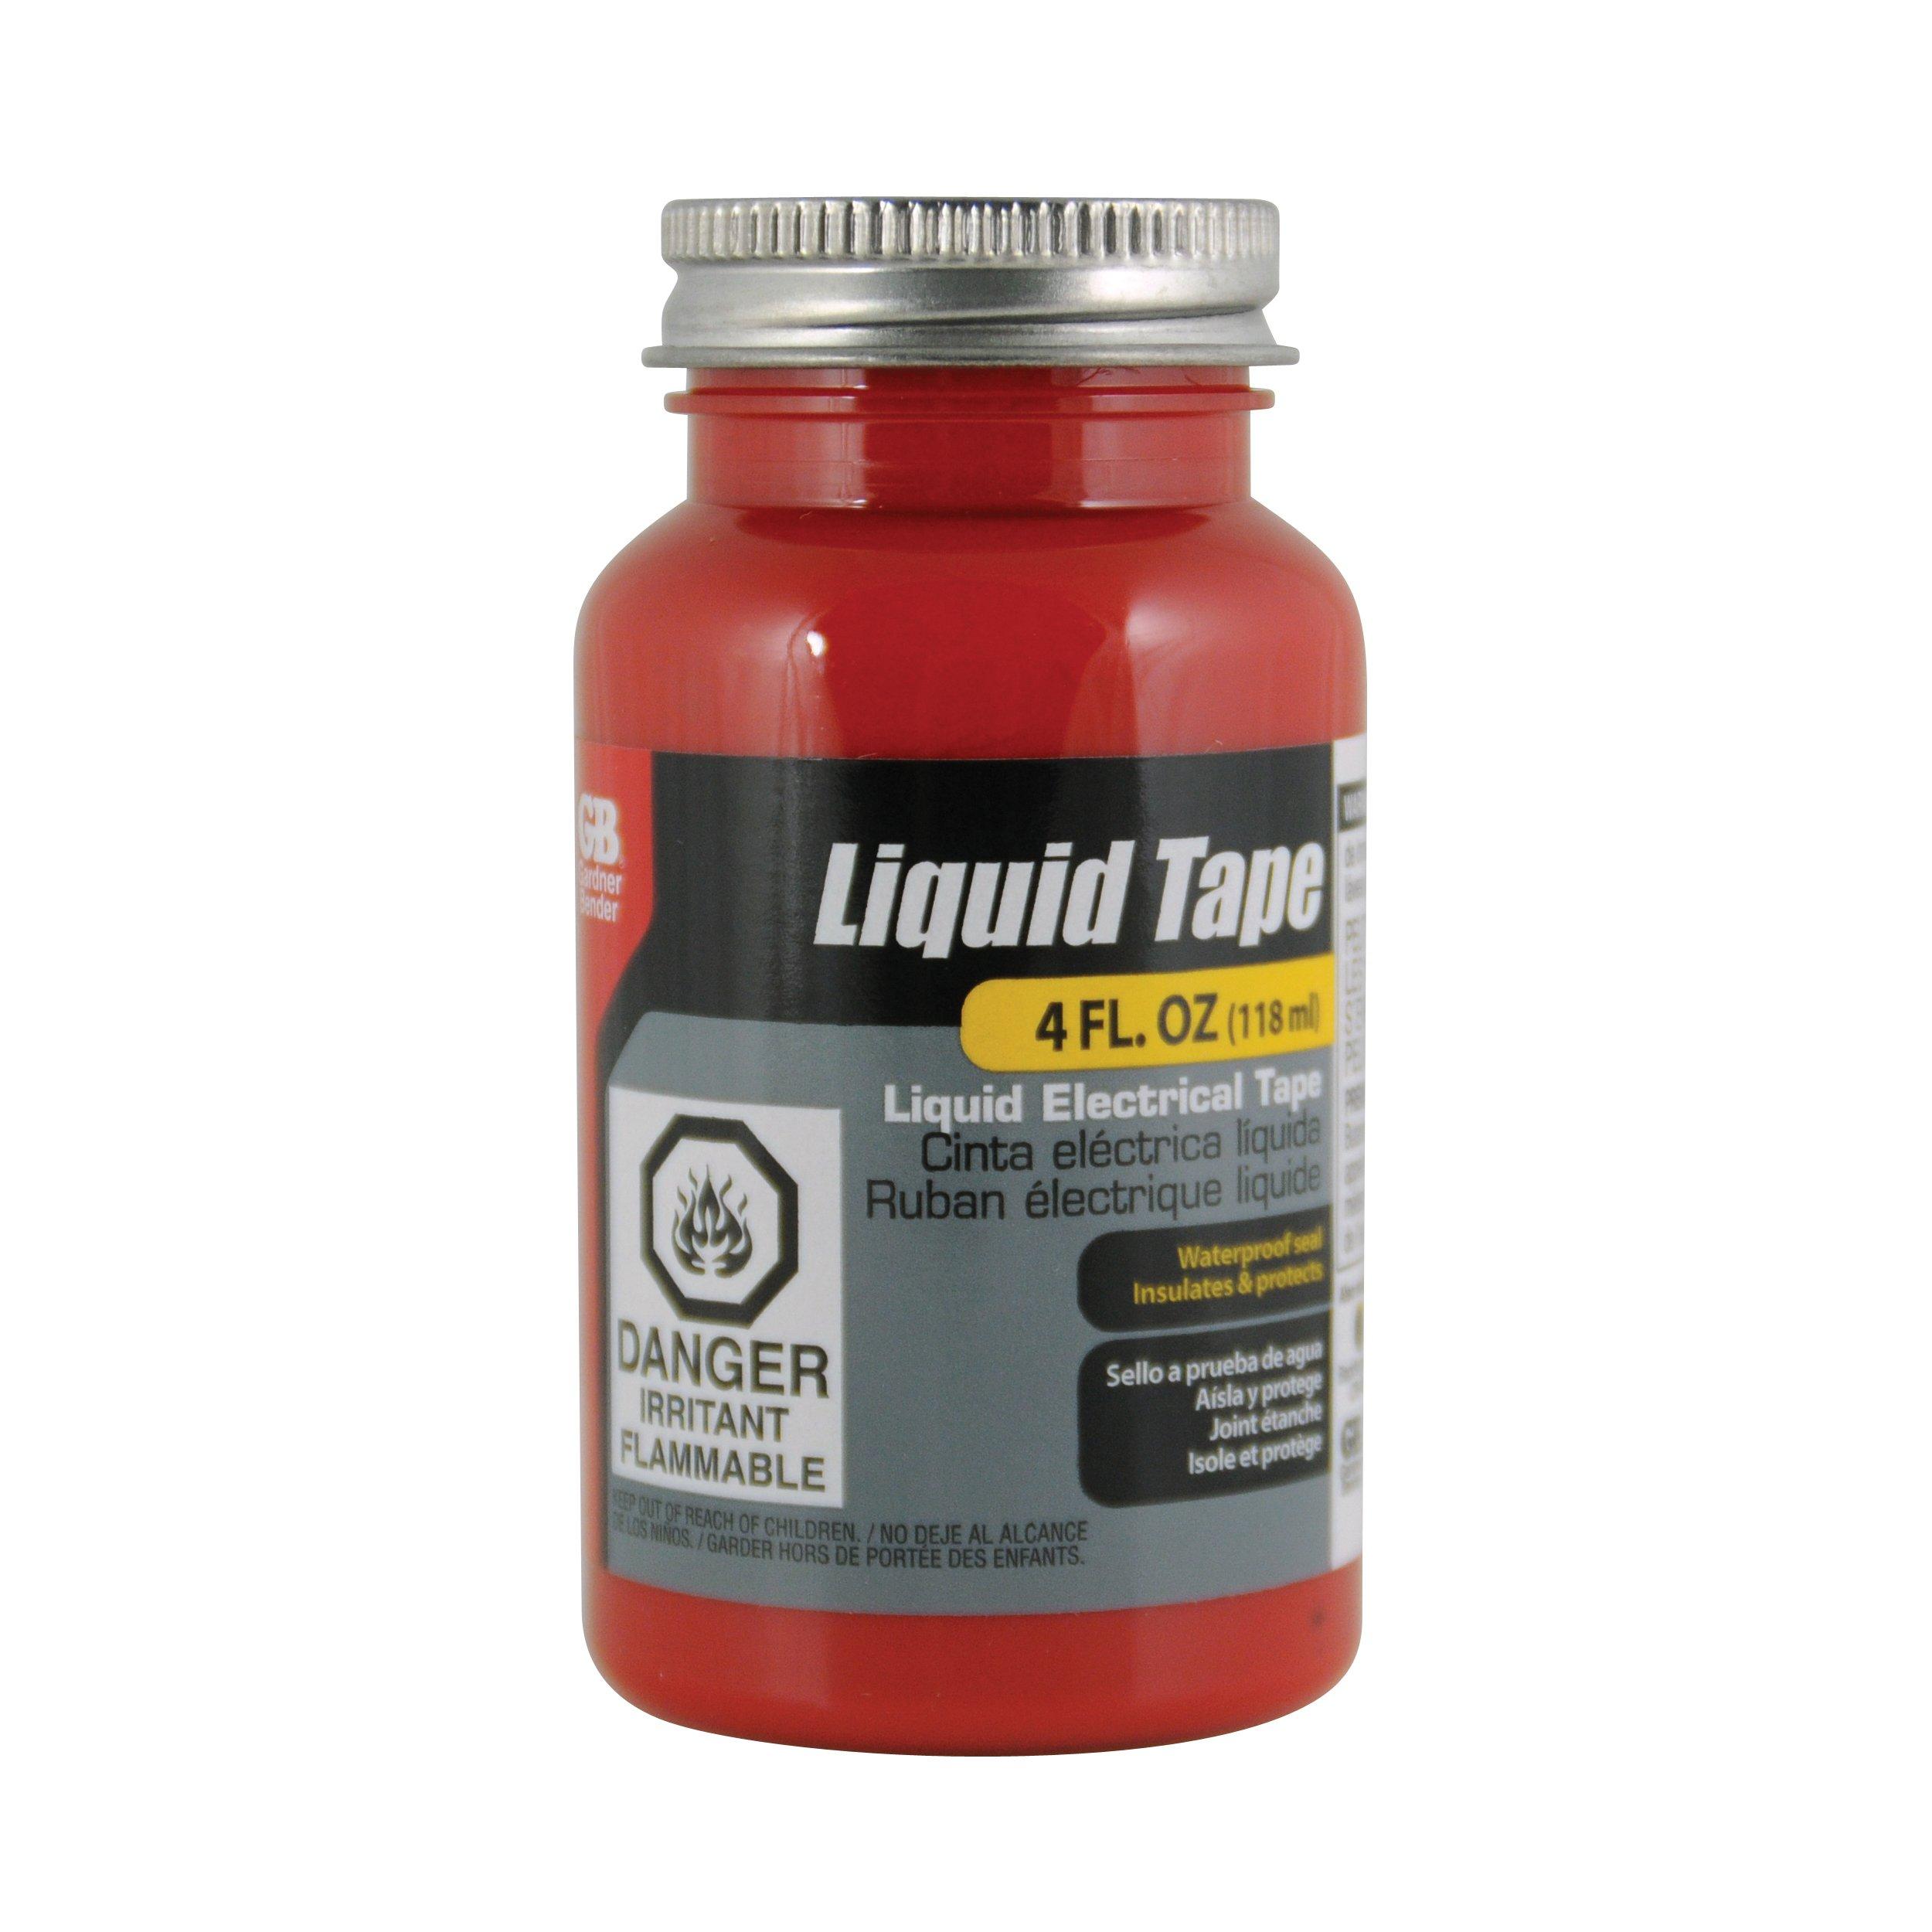 Gardner Bender LTR-400 Waterproof Liquid Electrical Tape, 4 Oz, Red